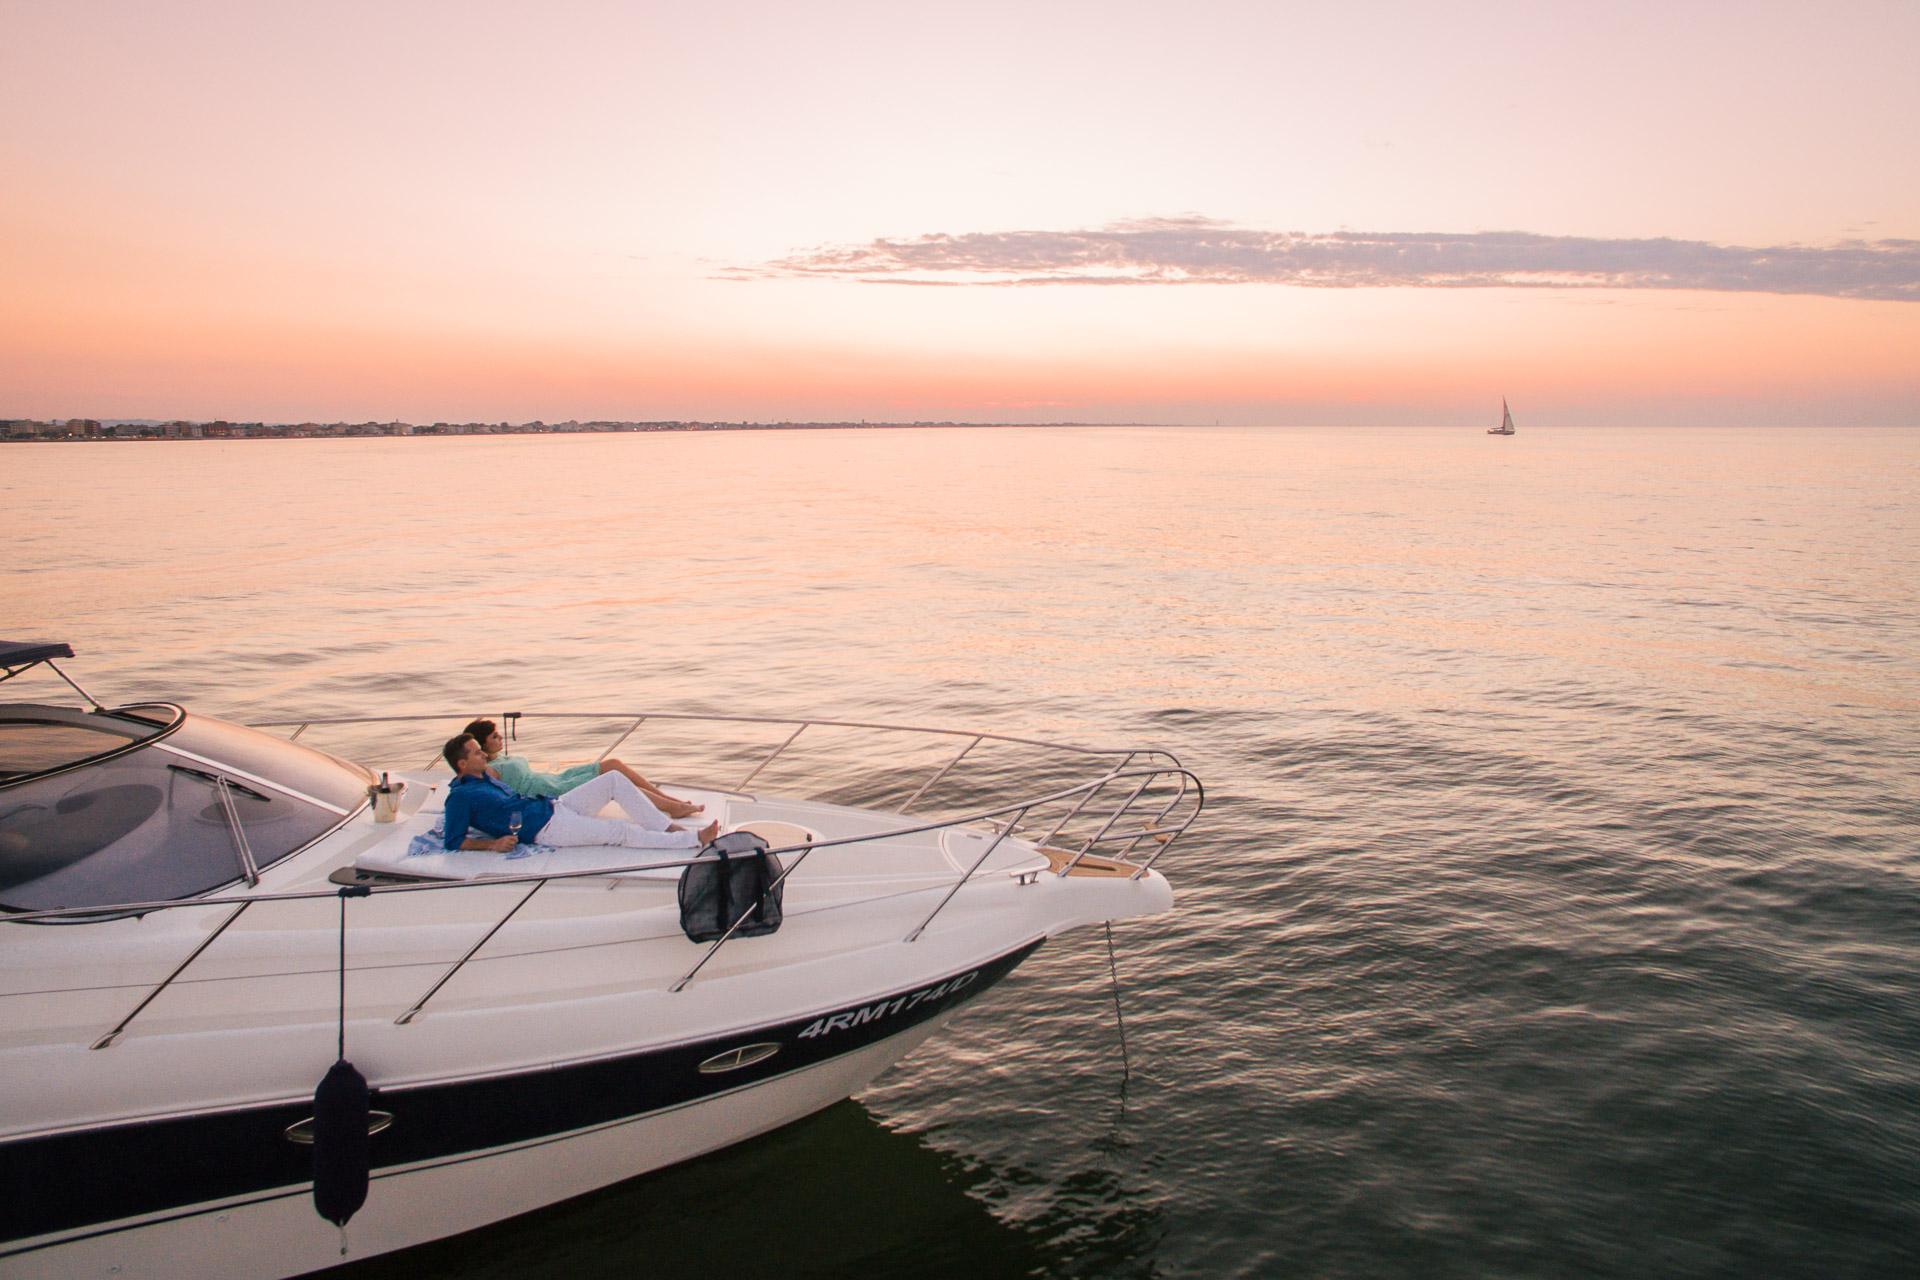 servizio fotografico prematrimoniale in barca al mare